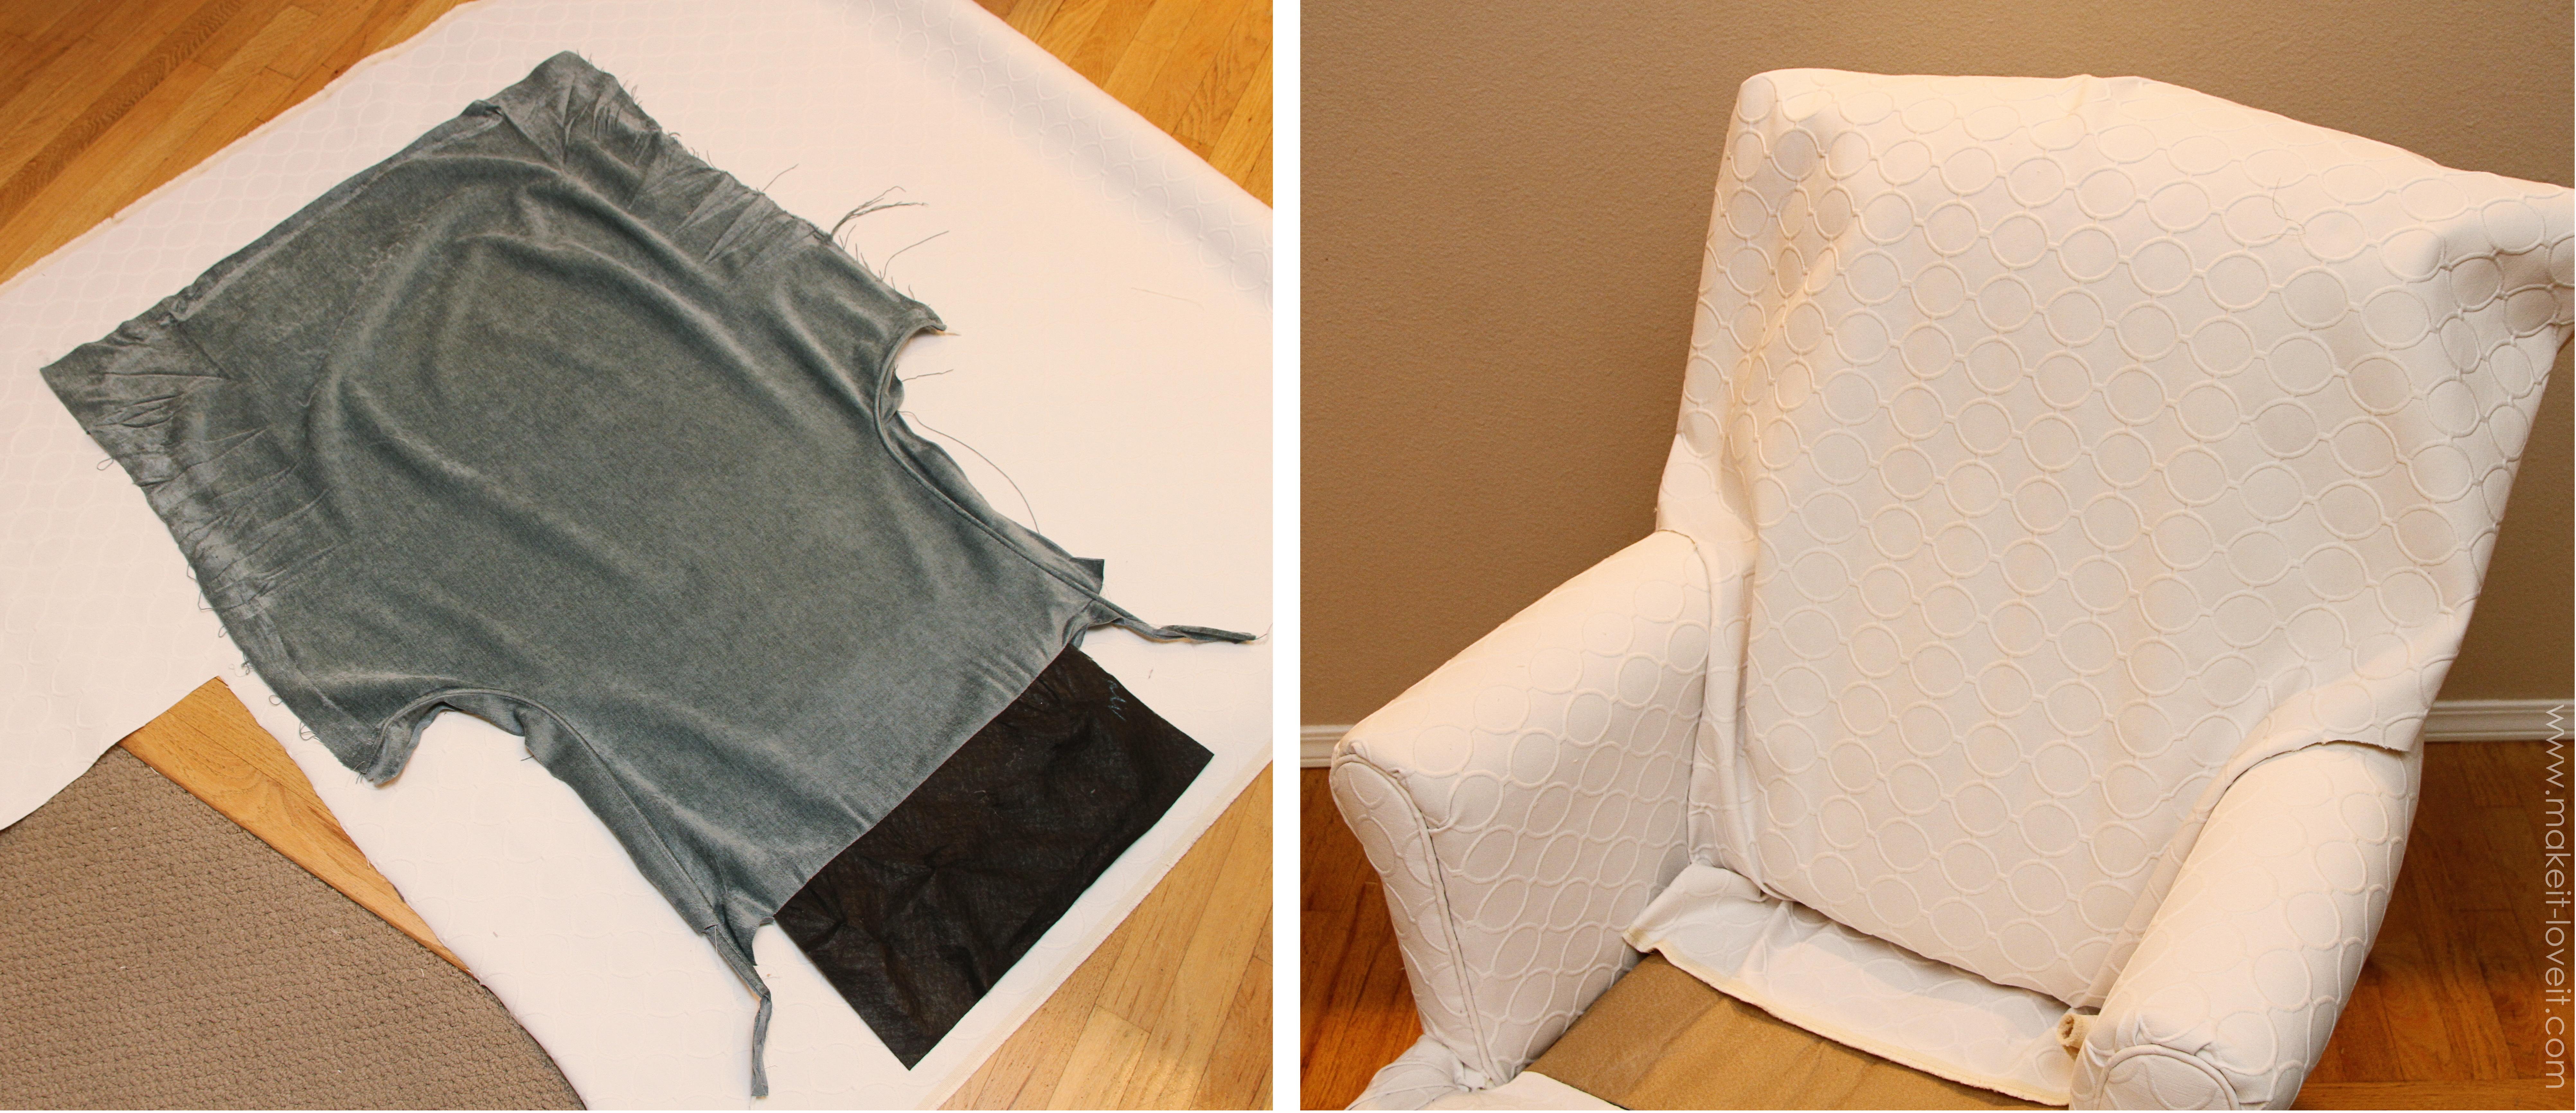 Re Upholstering 101 How I Re Upholstered My Swivel